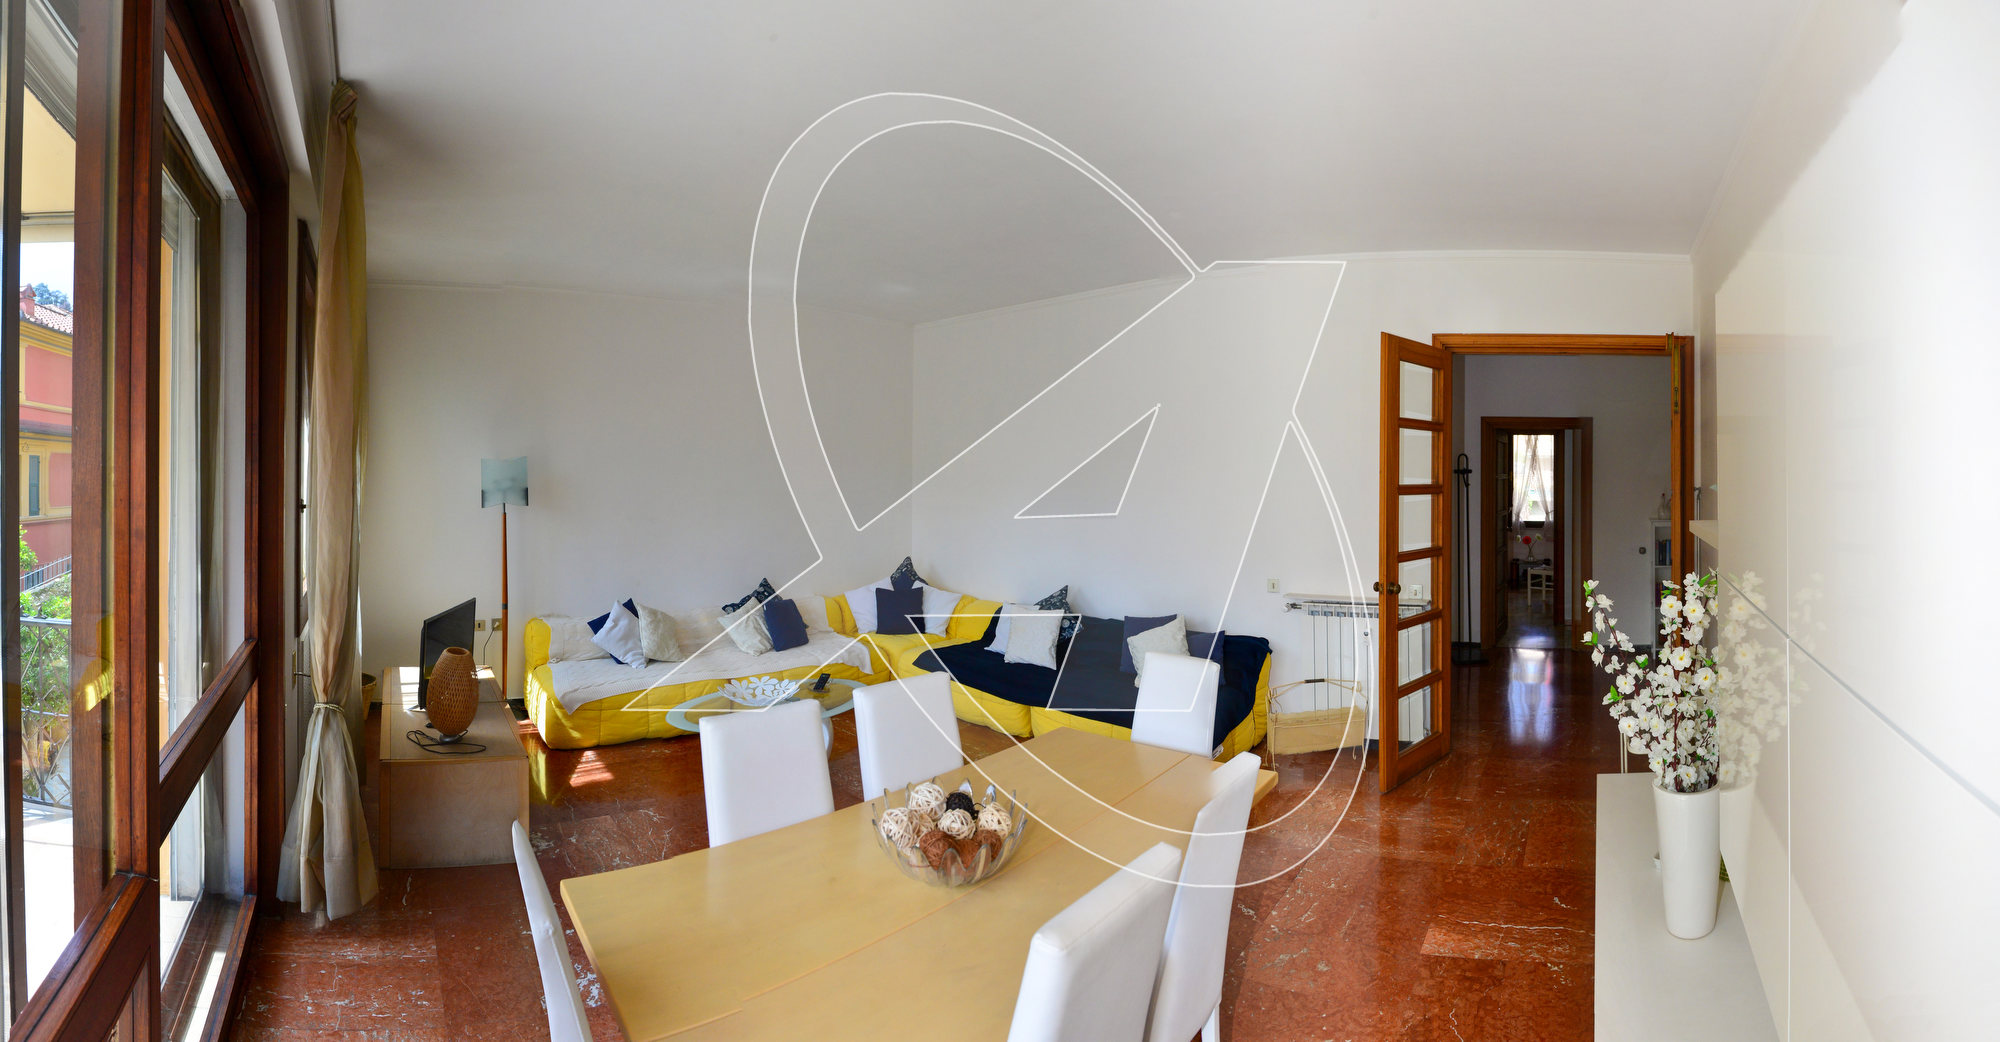 RAPALLO Appartamento in affitto zona porto, con terrazza e 4 camere